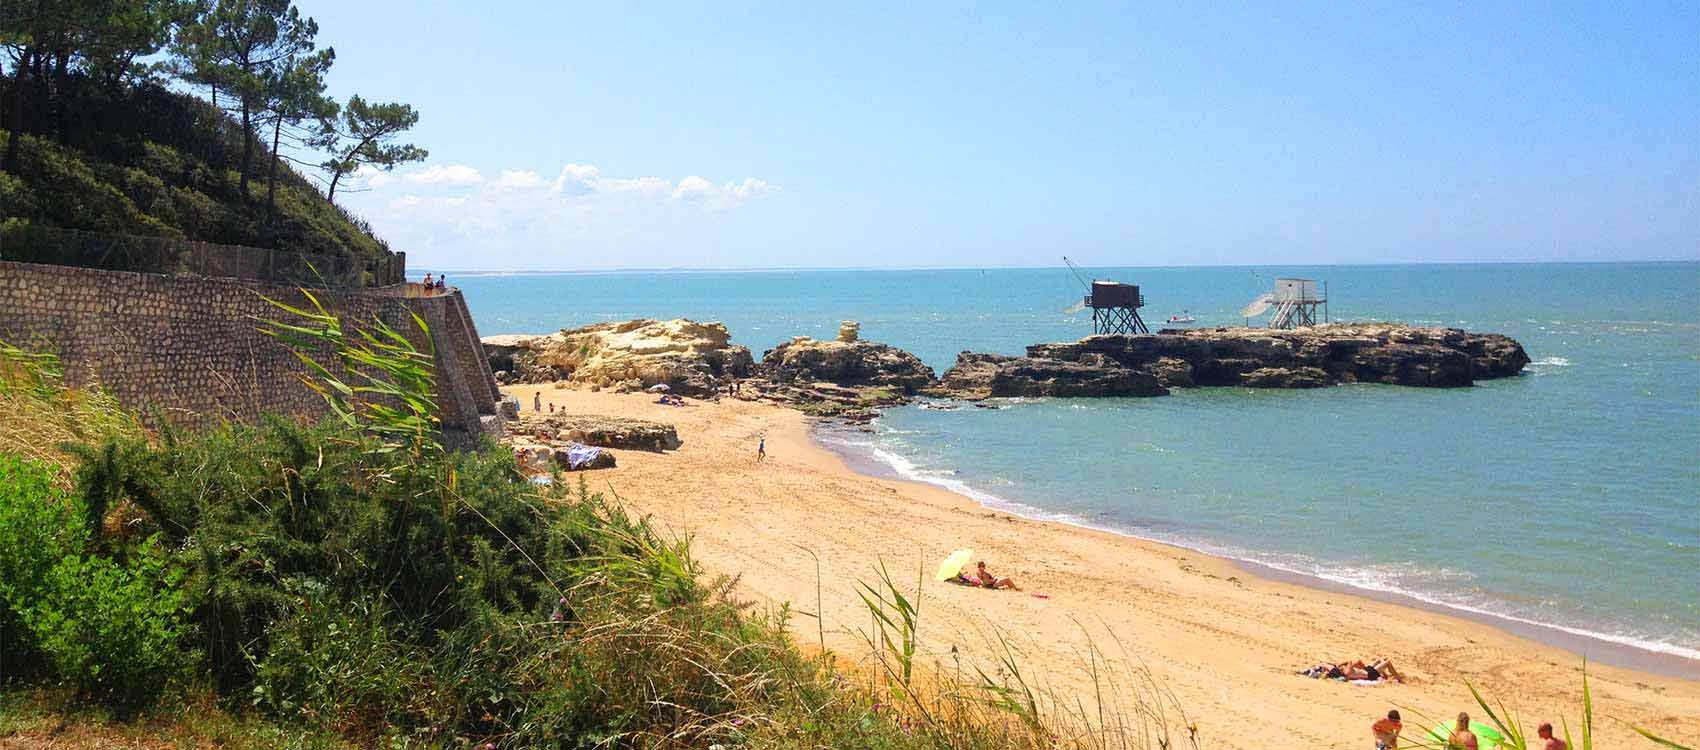 vacances bord de mer Royan